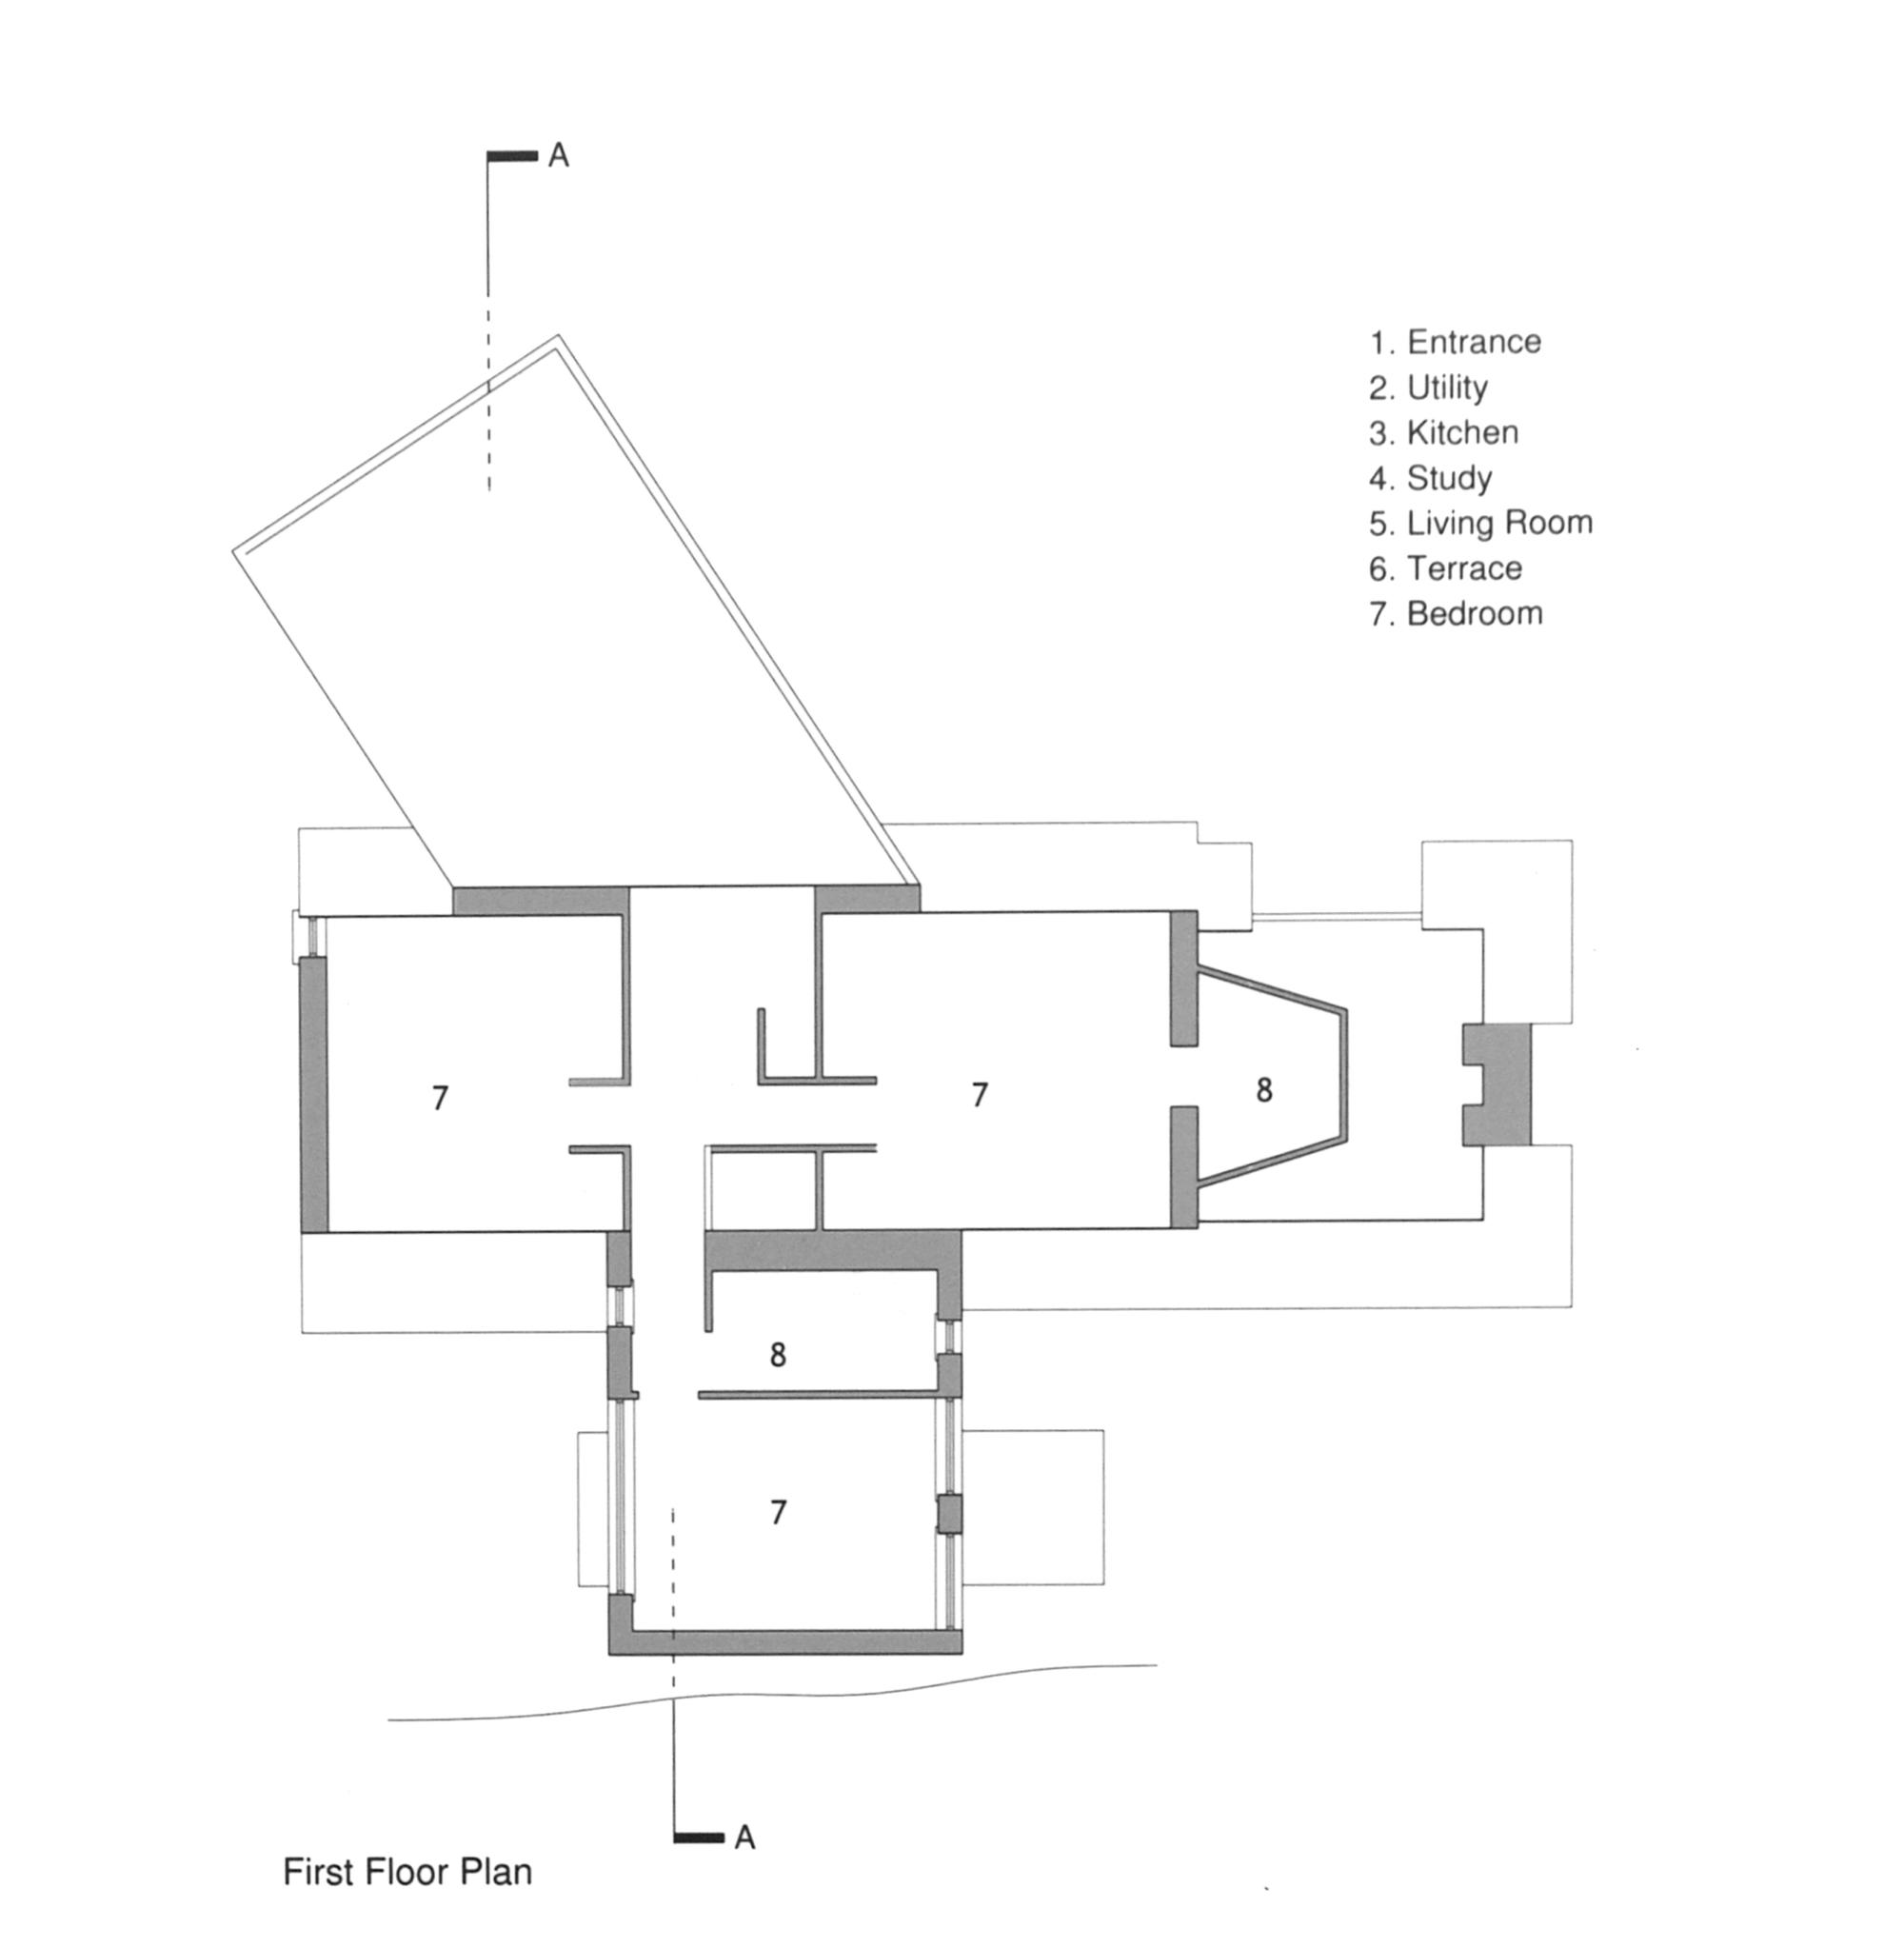 Plano de Plug-in Cottage de MacGabhann Architects